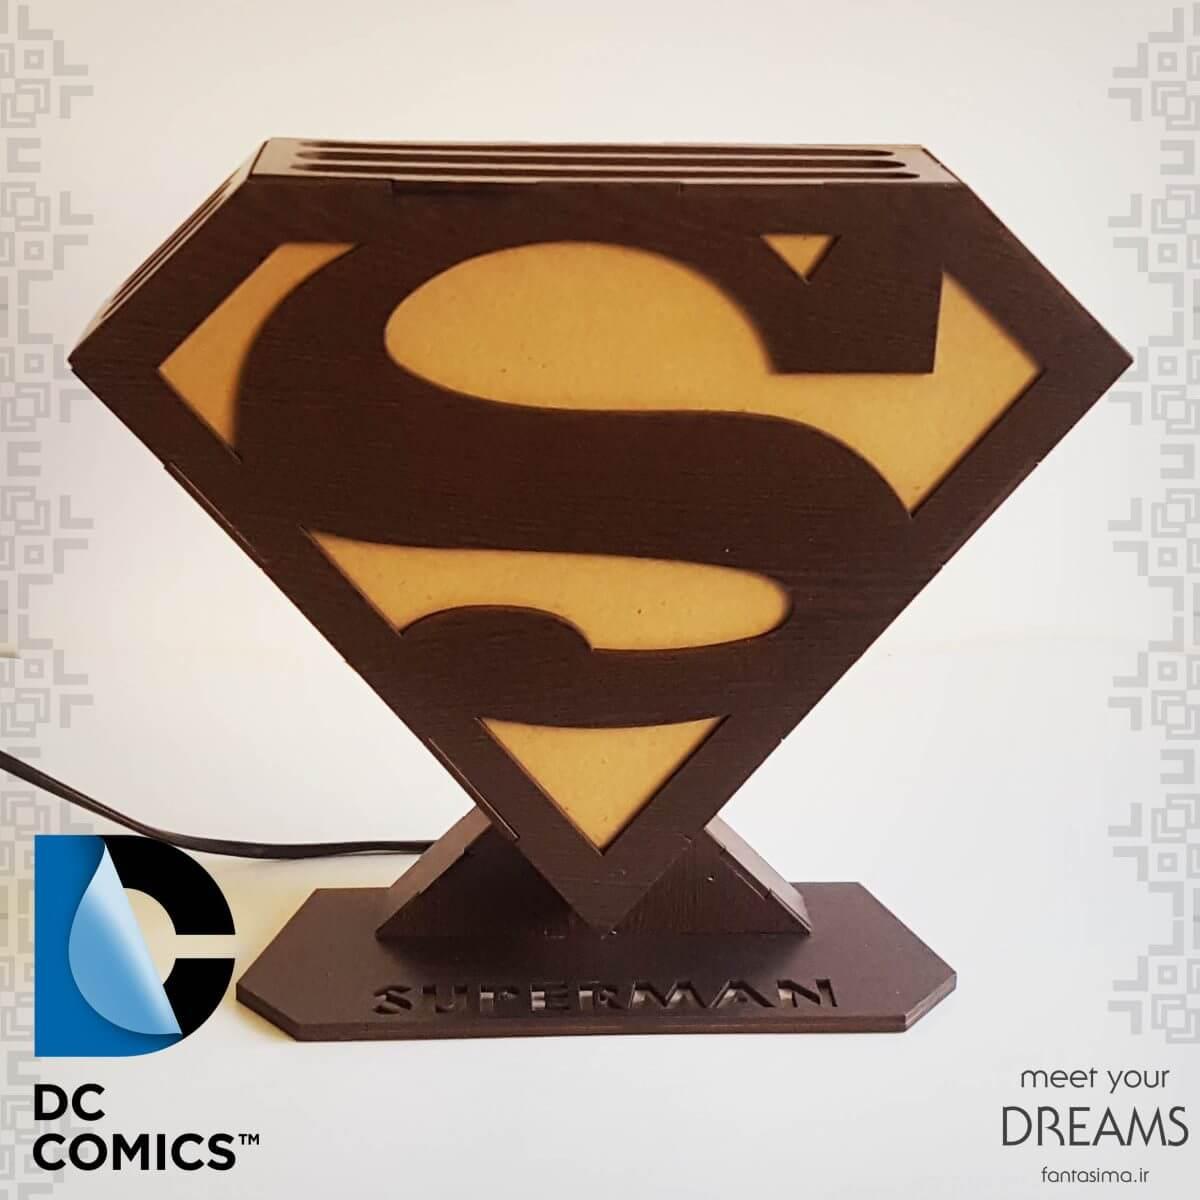 فانتزیآرت چراغ خواب نماد سوپرمن